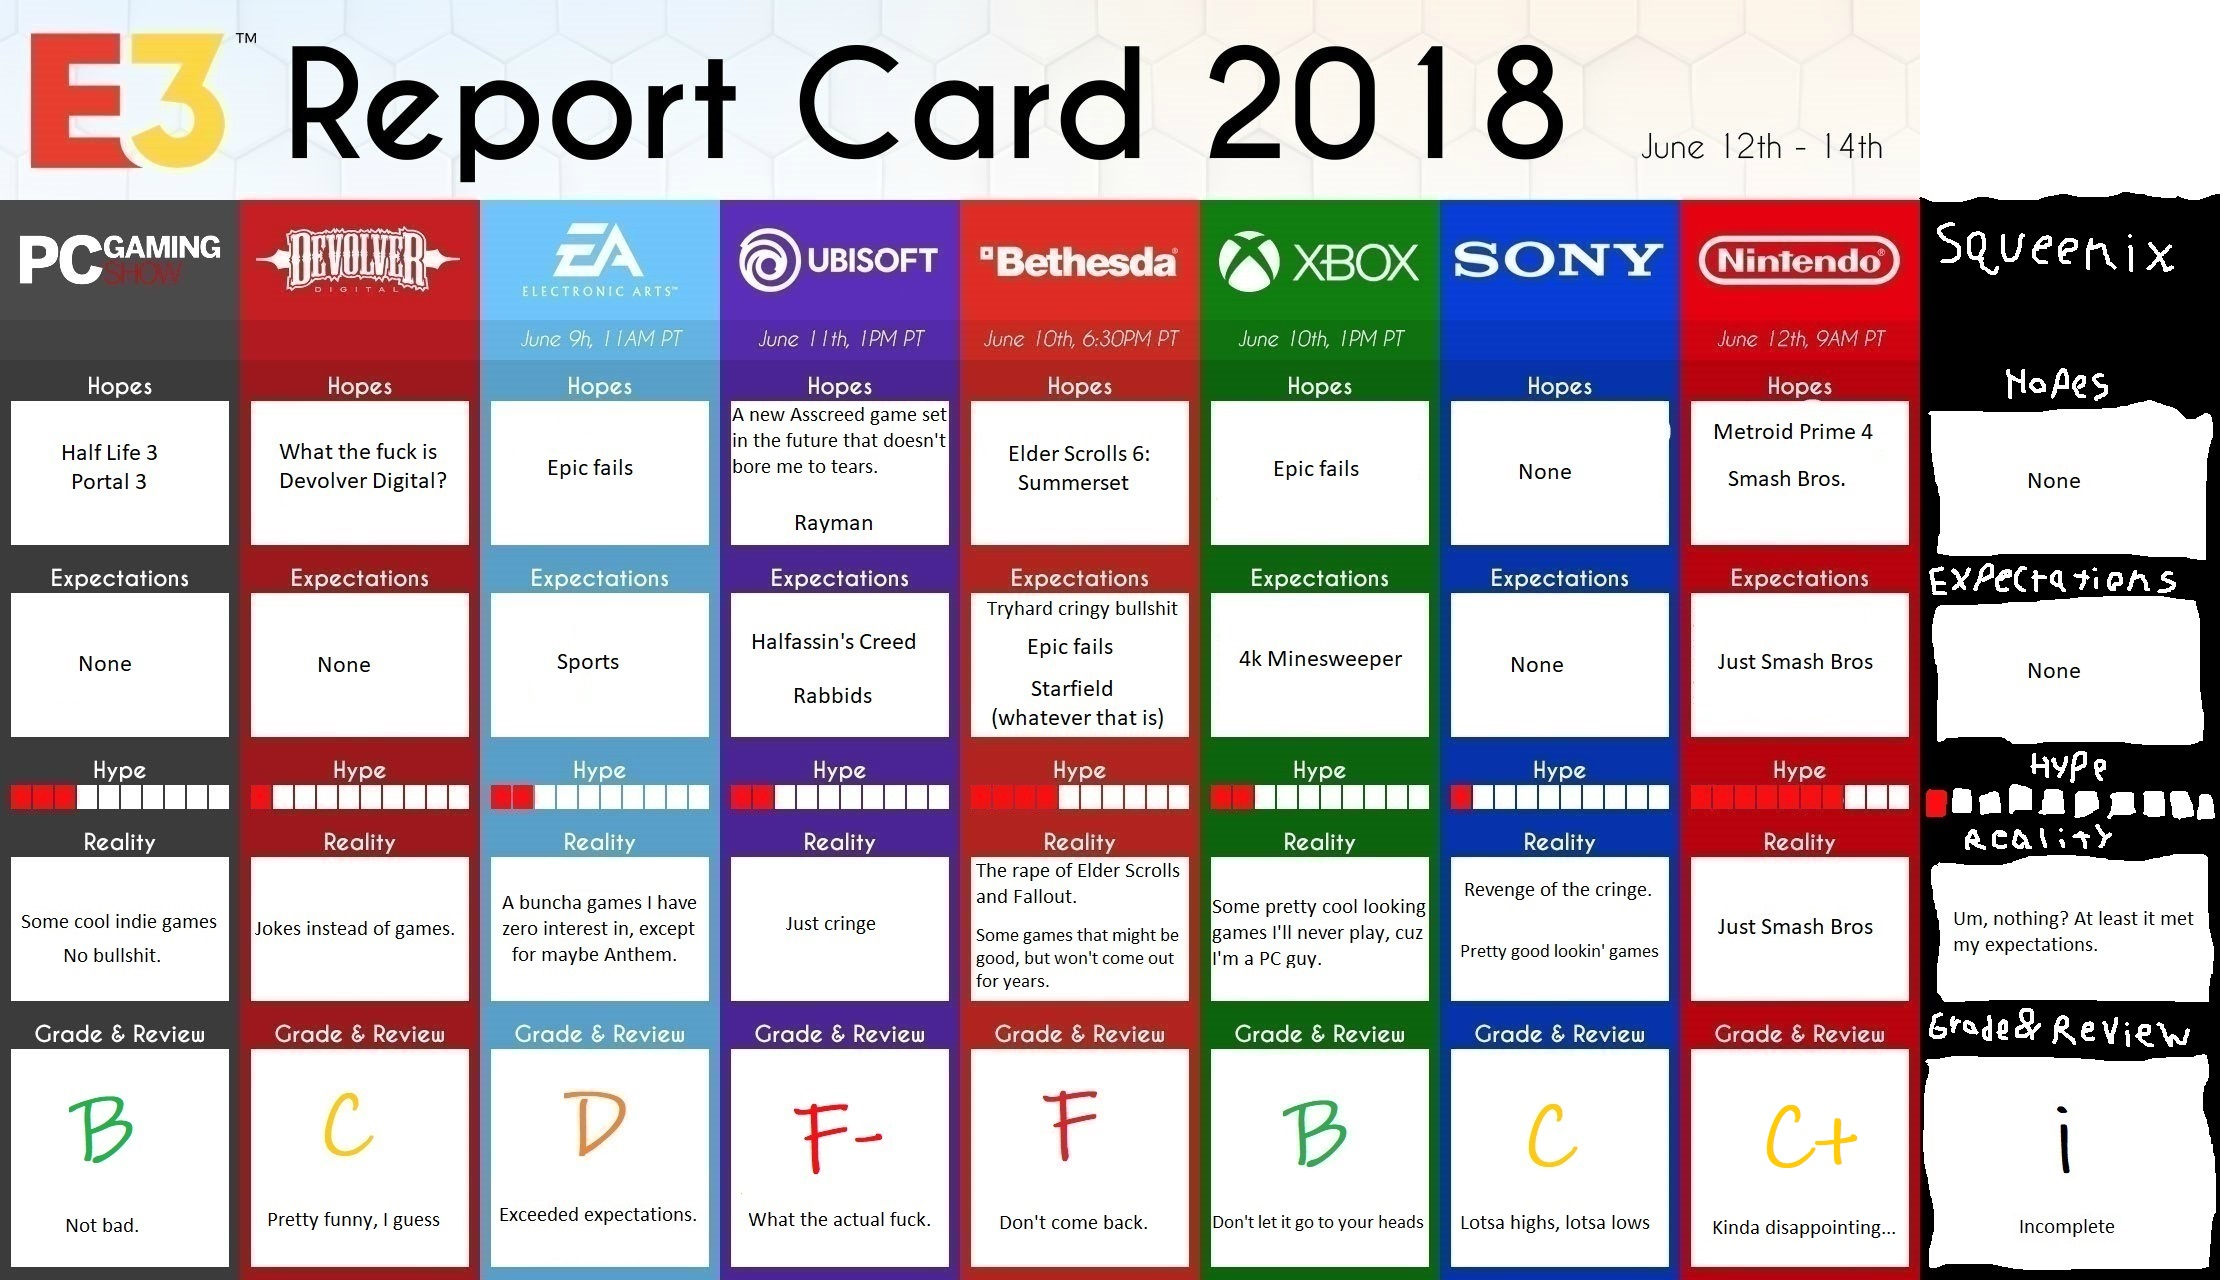 E3 Report Card Final.jpg